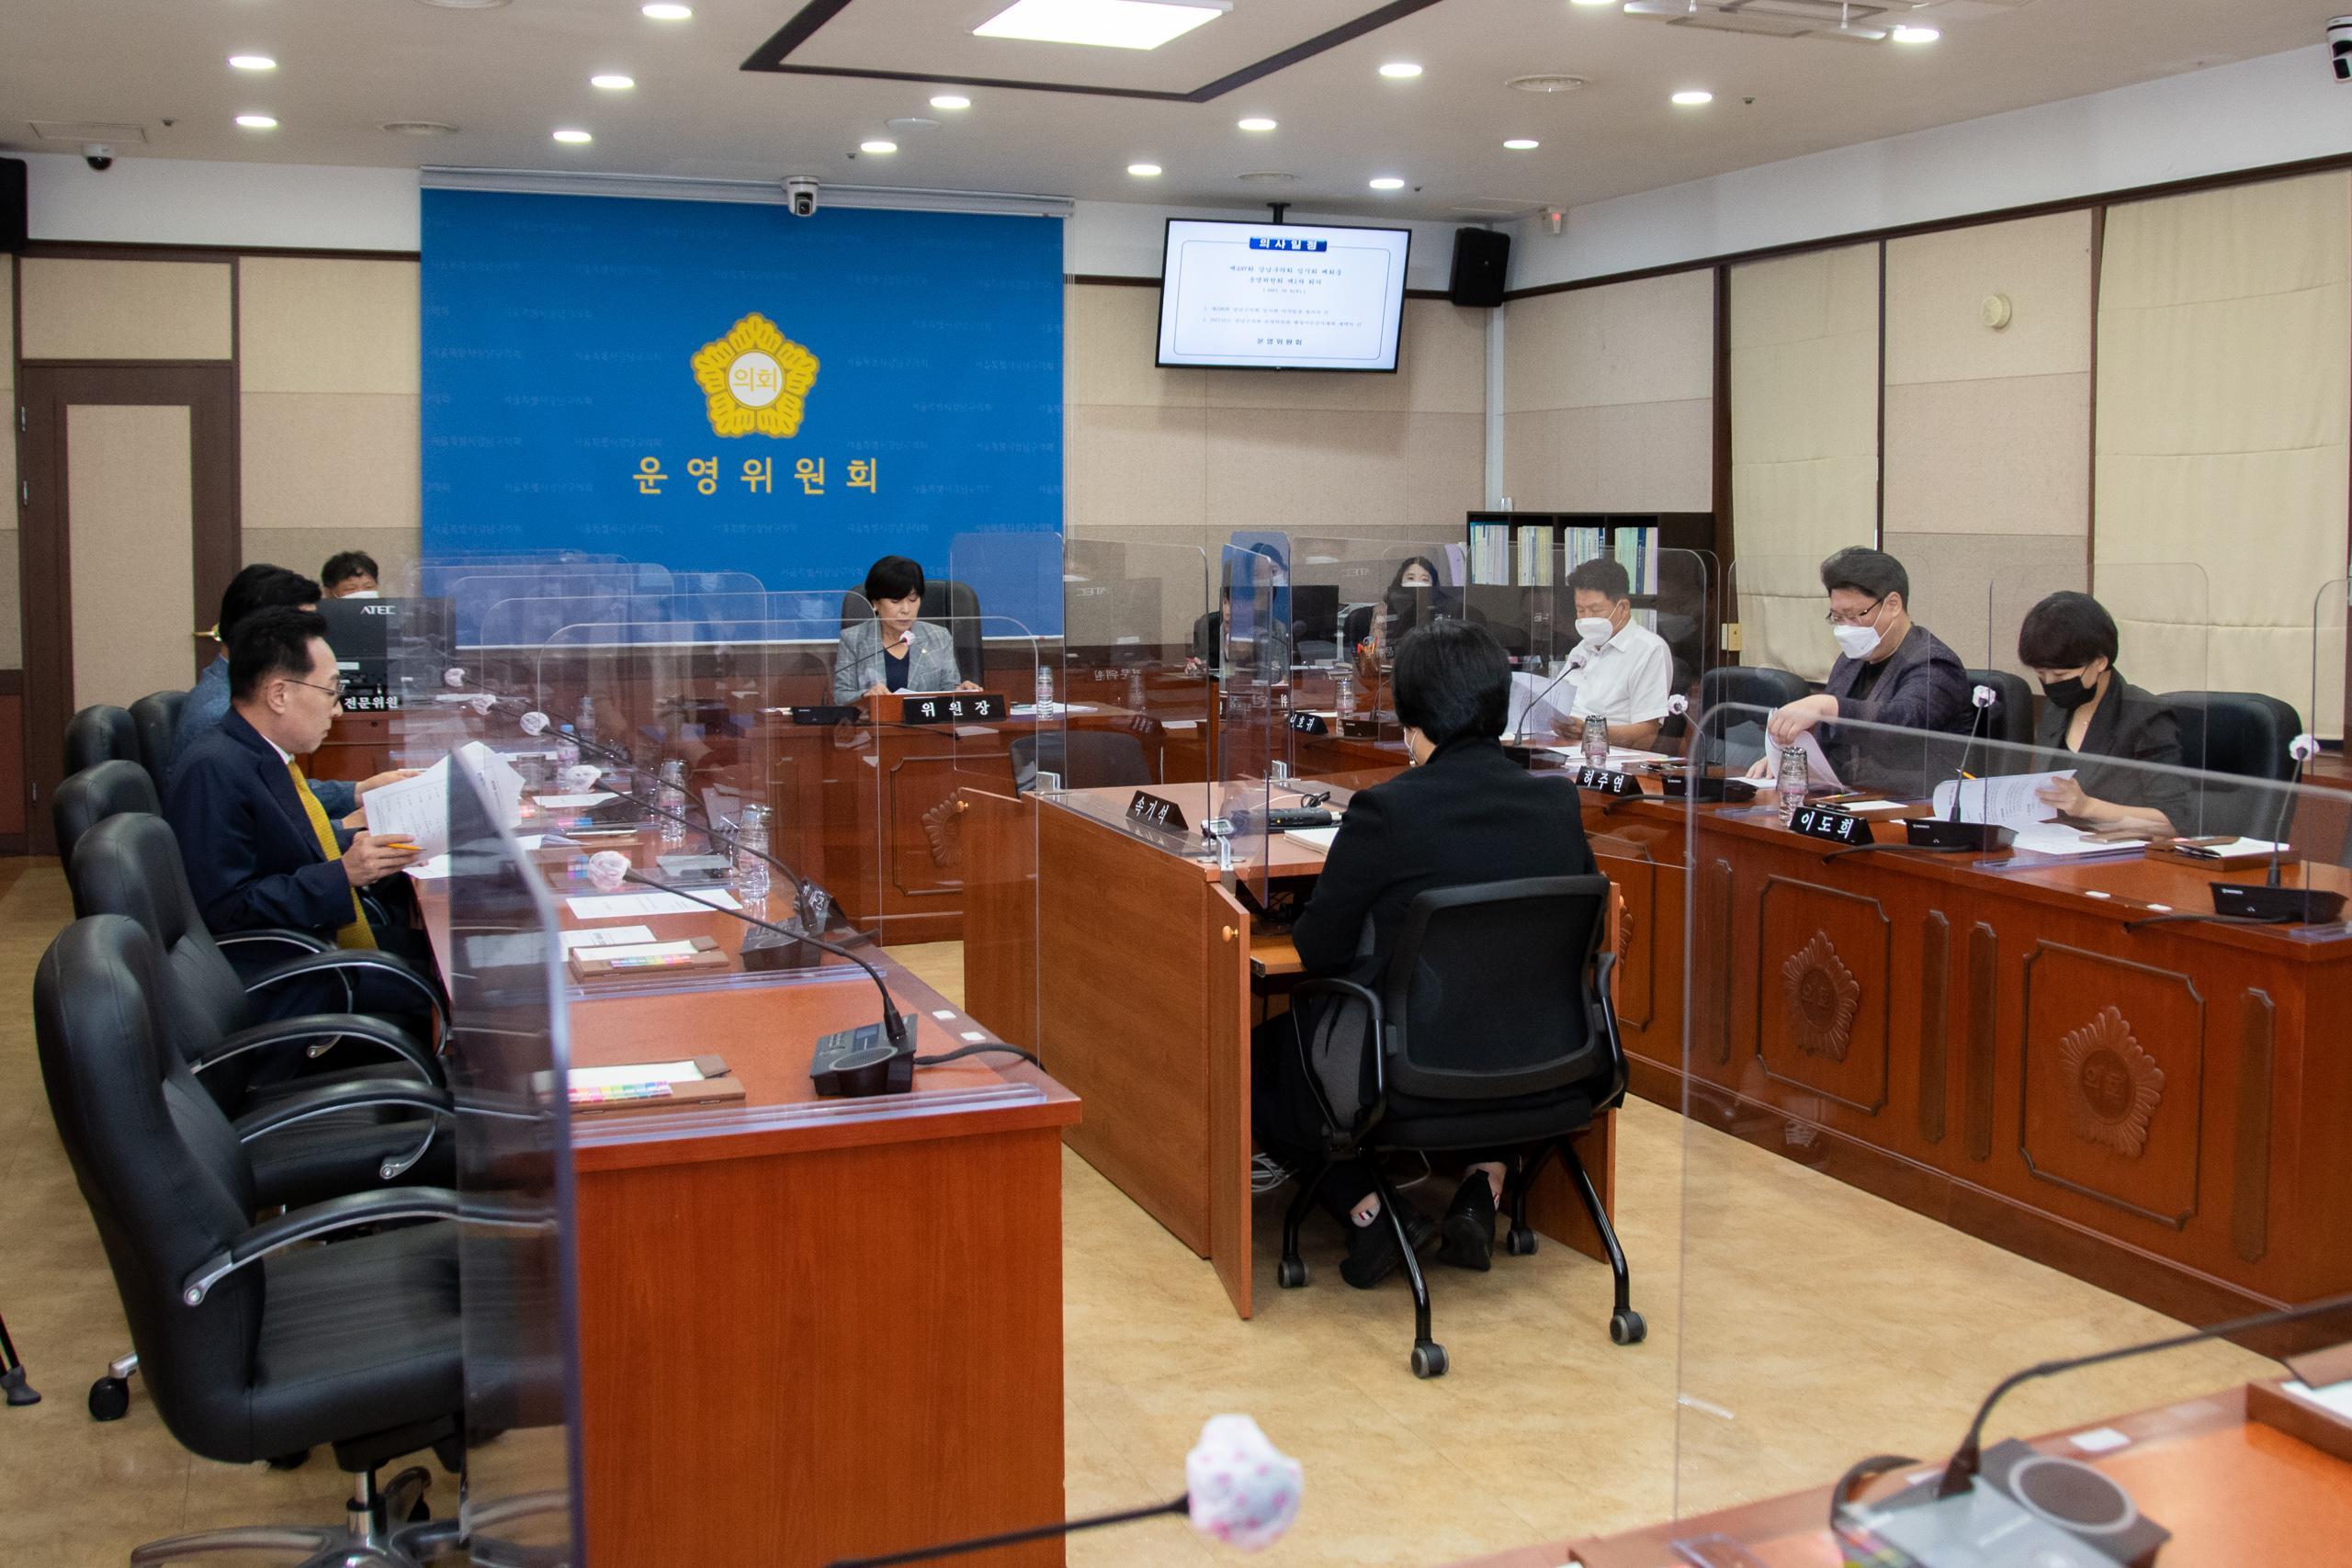 제297회 임시회 폐회중 제1차 운영위원회 GNC_2403.jpg